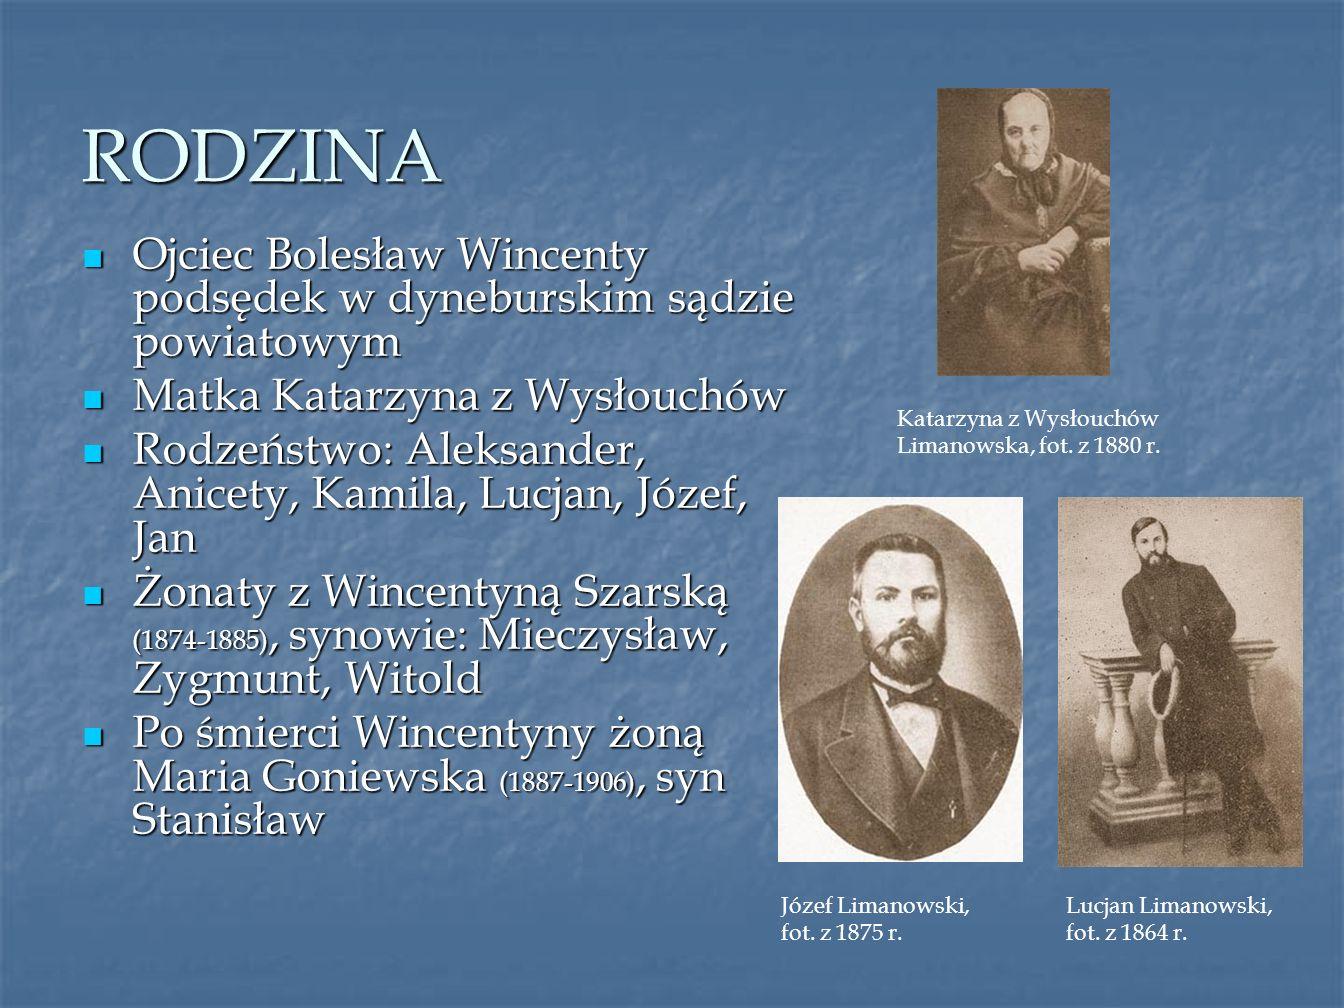 RODZINA Ojciec Bolesław Wincenty podsędek w dyneburskim sądzie powiatowym. Matka Katarzyna z Wysłouchów.